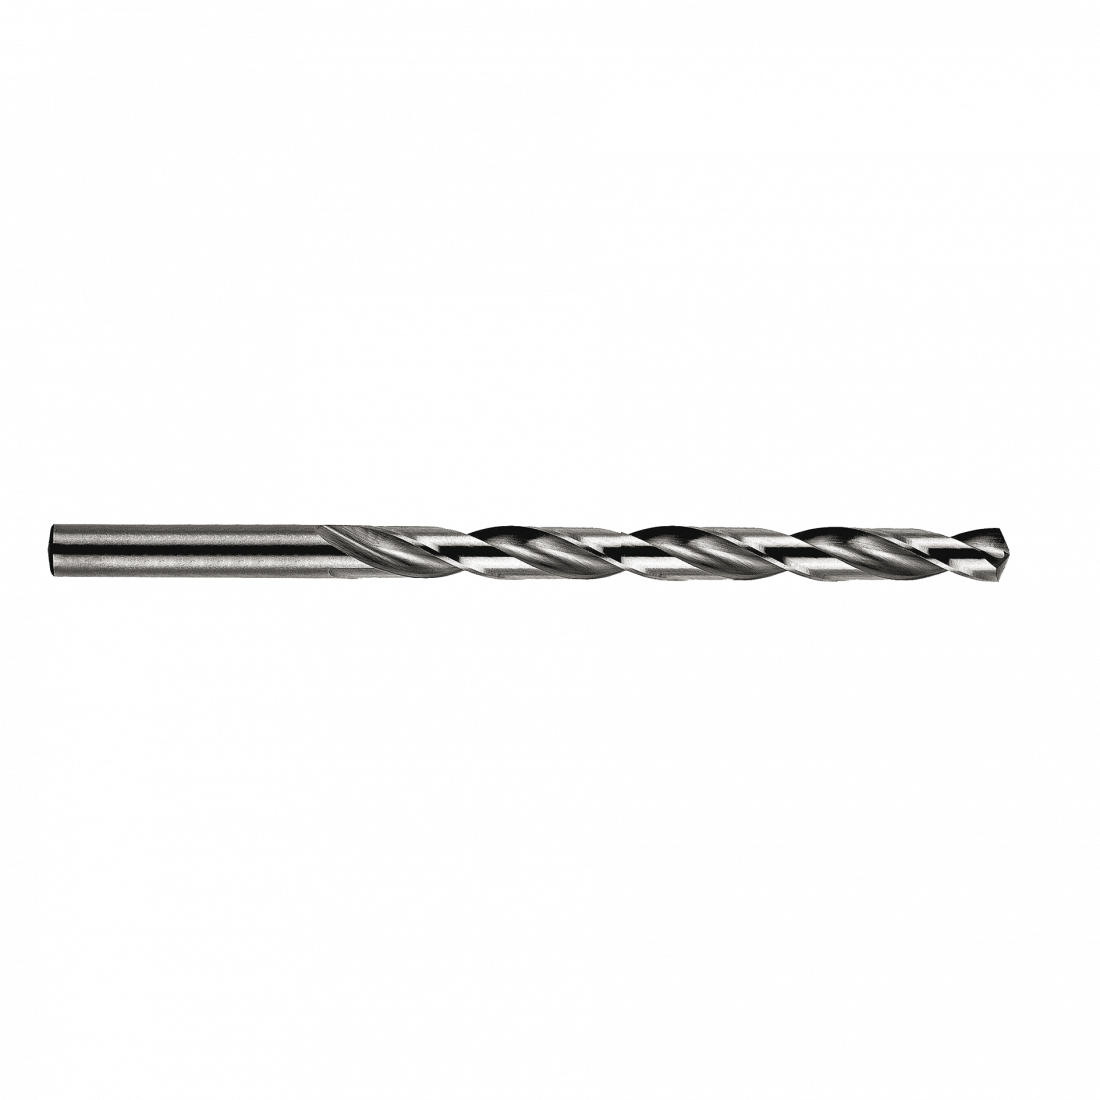 Сверлo по металлу Heller HSS-G Super DIN 340 сверхдлиннoе 12х134х205мм